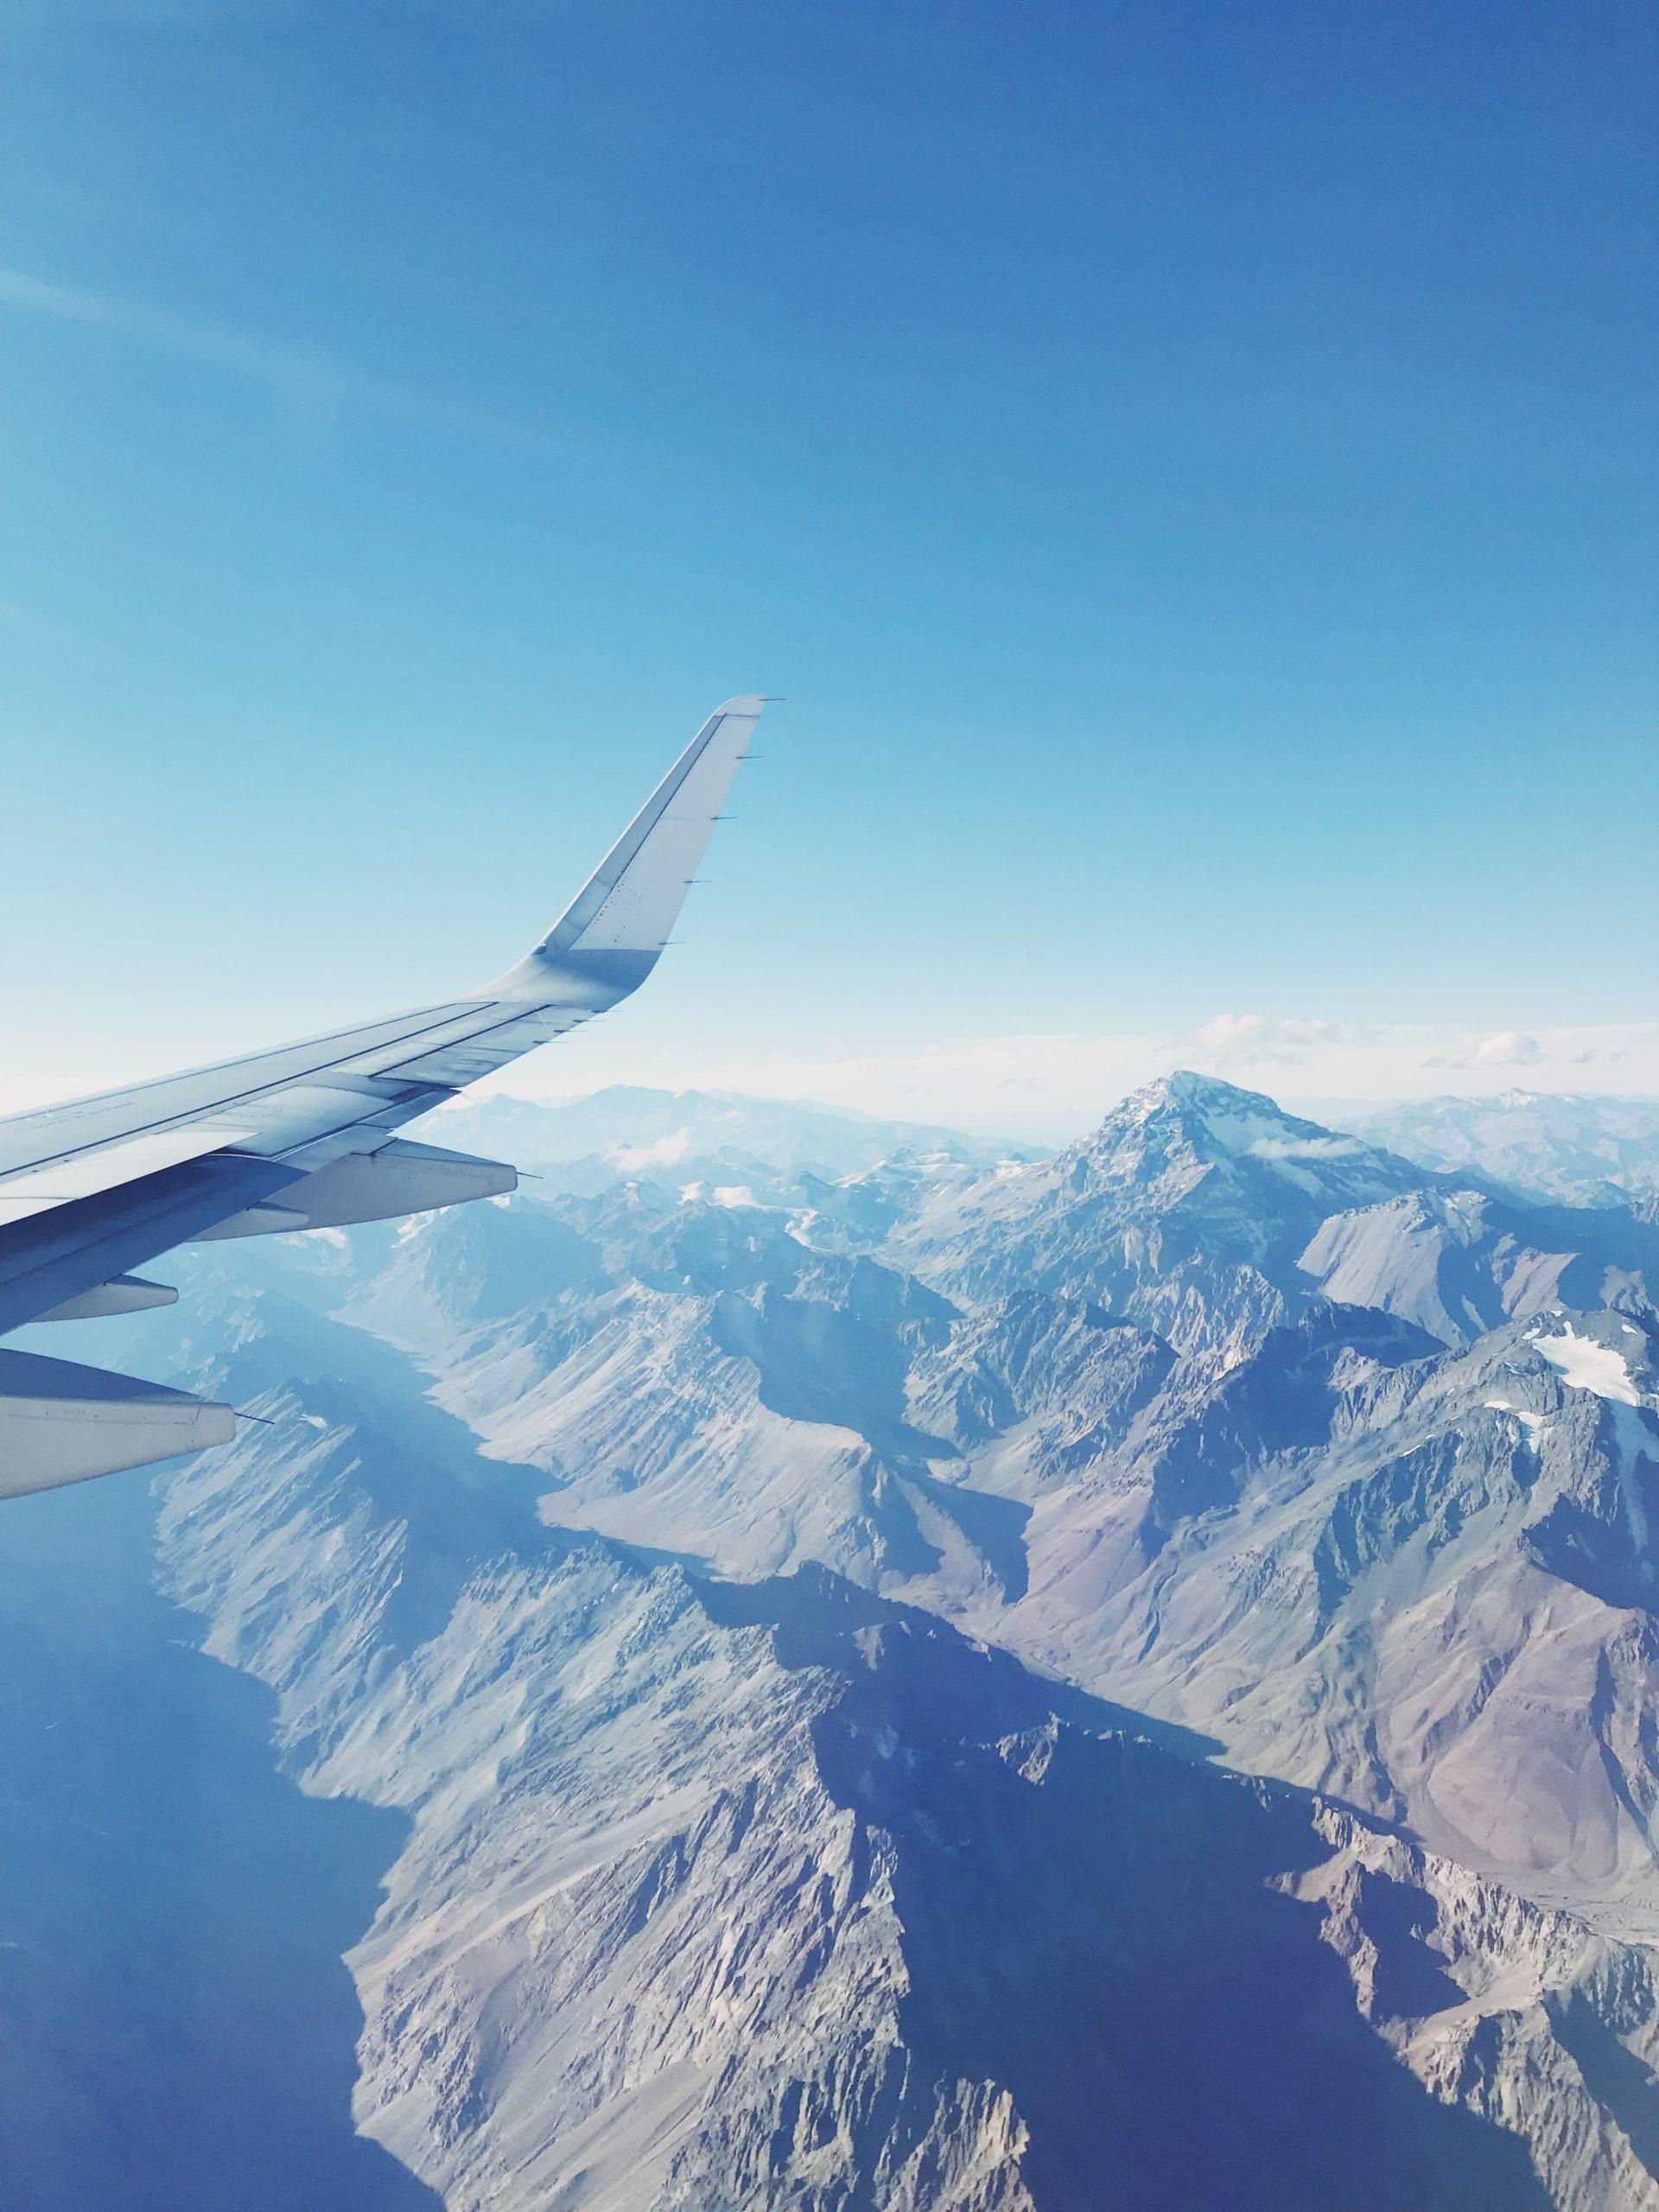 chilijsko - brazylijskie linie lotnicze